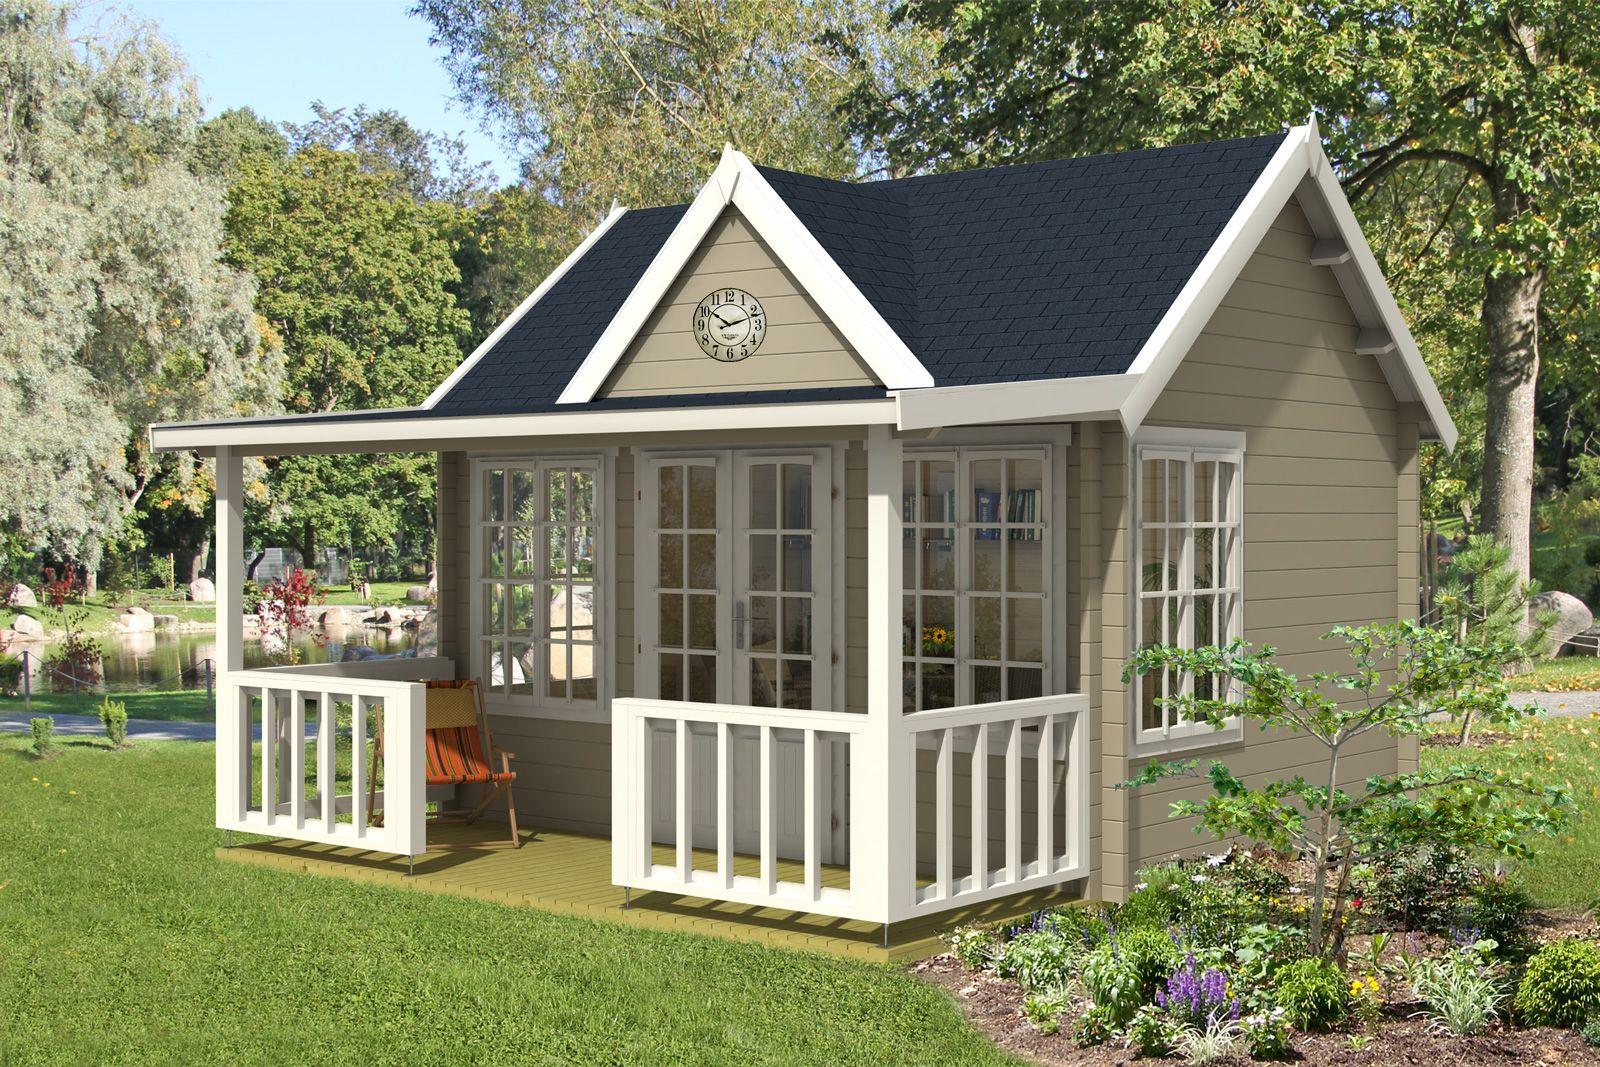 Kaufen Sie Das Gartenhaus Clockhouse Oxford 44 Iso Mit Vordach Terrasse Gelander Dreiecksgiebel Gartenhaus Gartenhaus Mit Veranda Gartenhaus Mit Terrasse